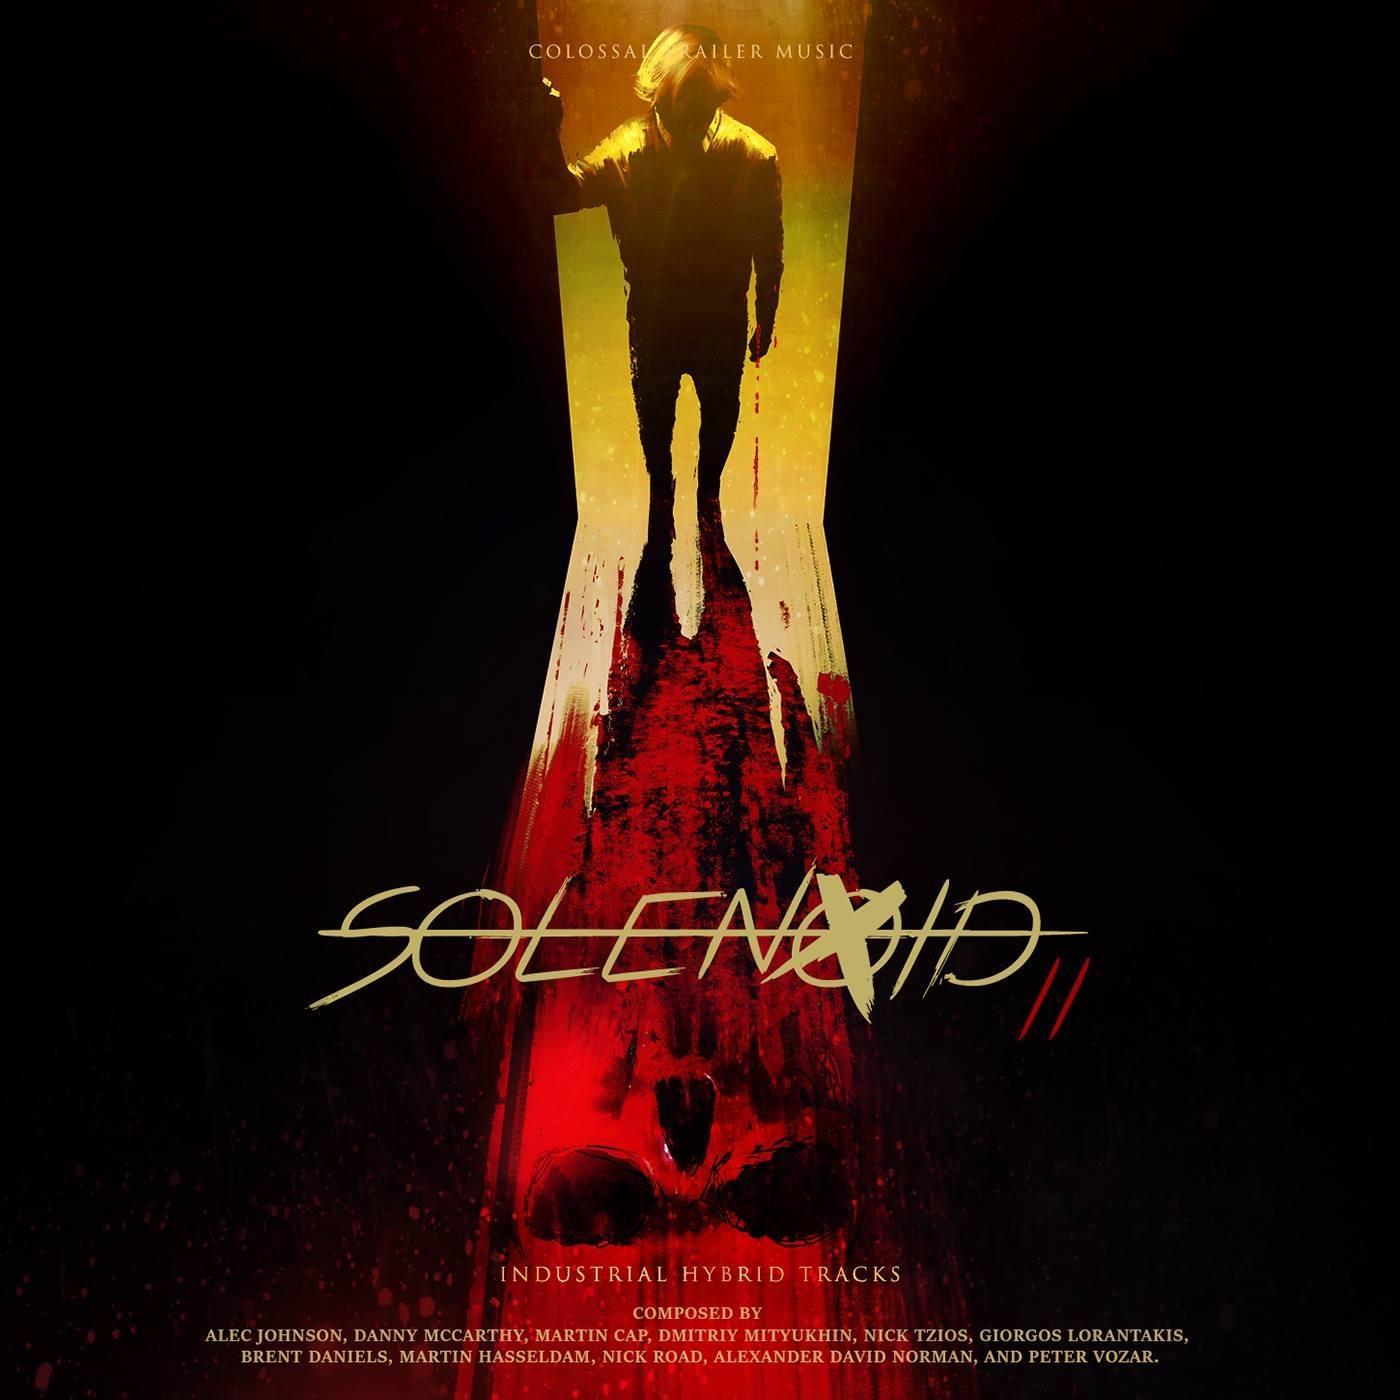 Solenoid X2